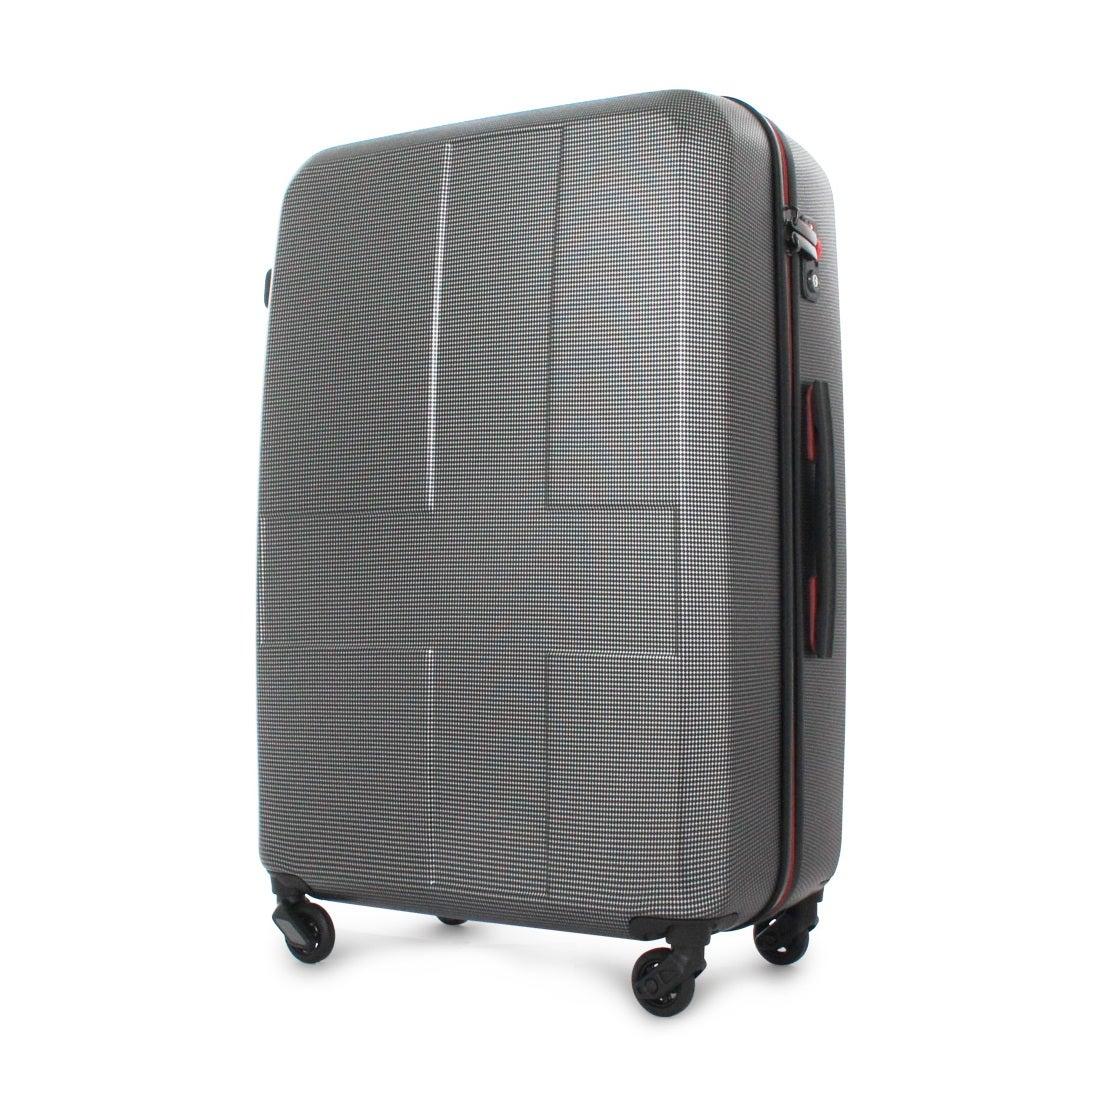 【SAC'S BAR】イノベーター スーツケース INV63/63T 63cm 【INV63】BK-CROSS-CARB メンズ